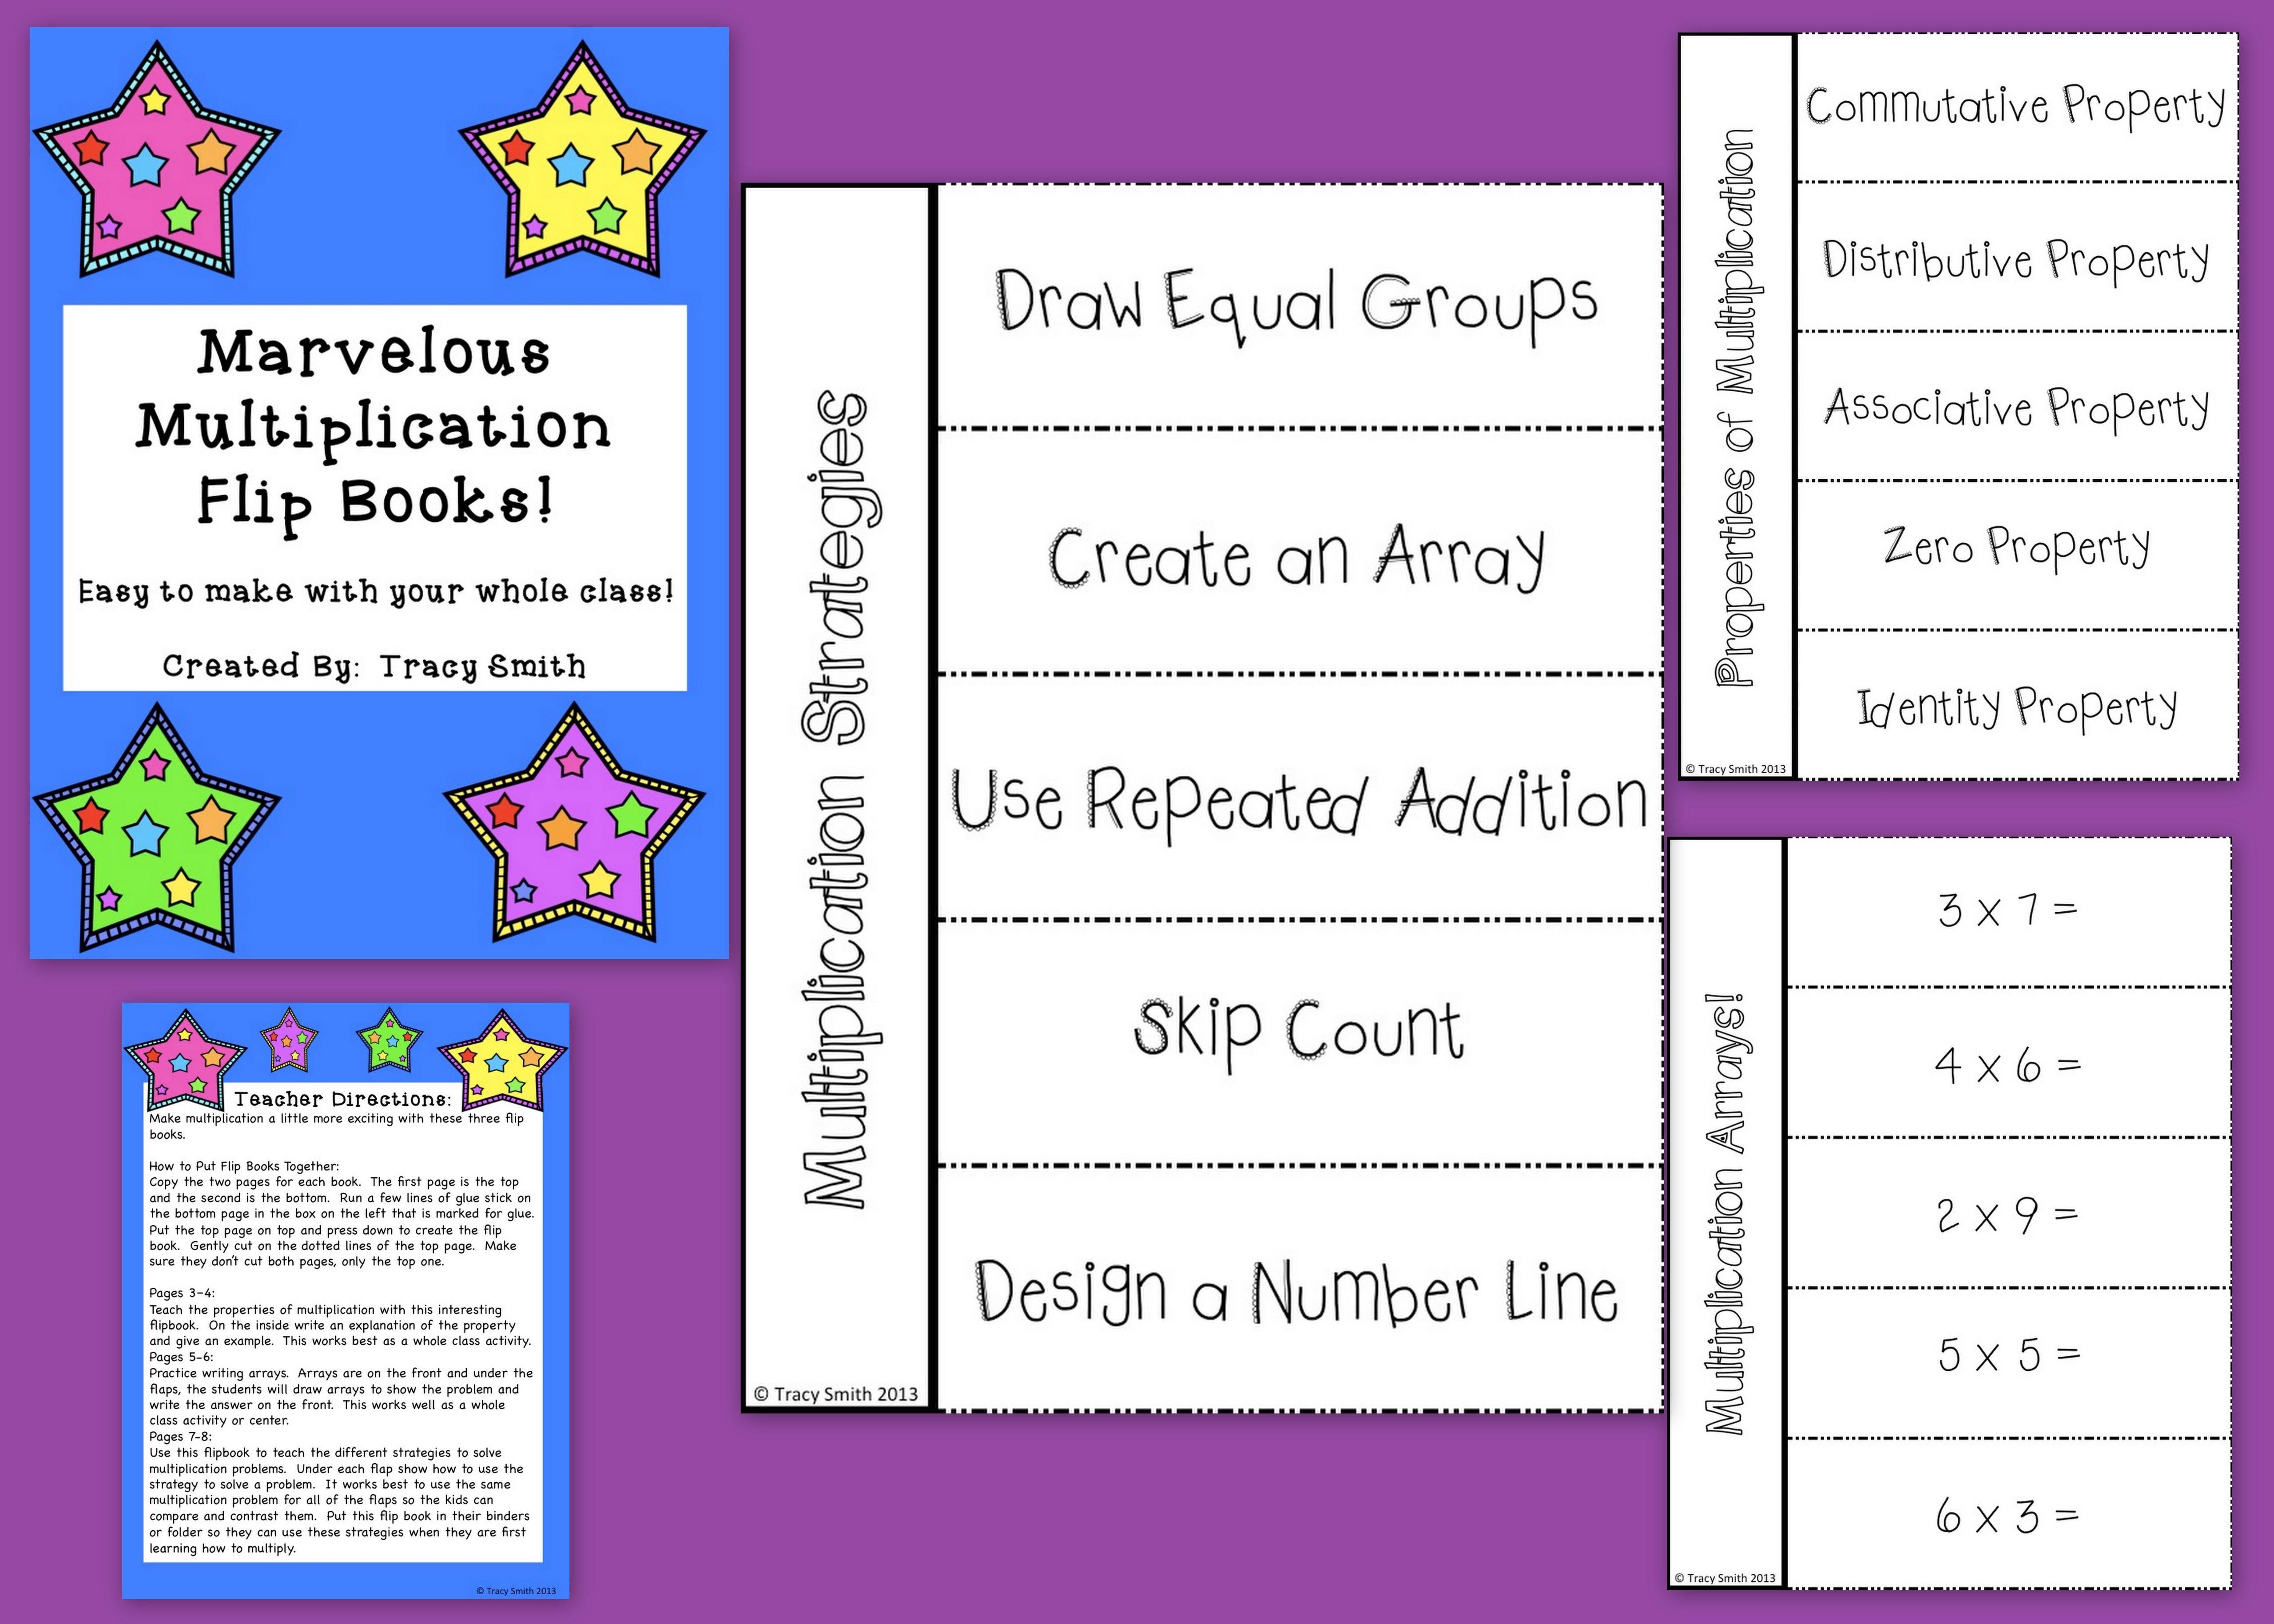 Marvelous Multiplication Flip Books